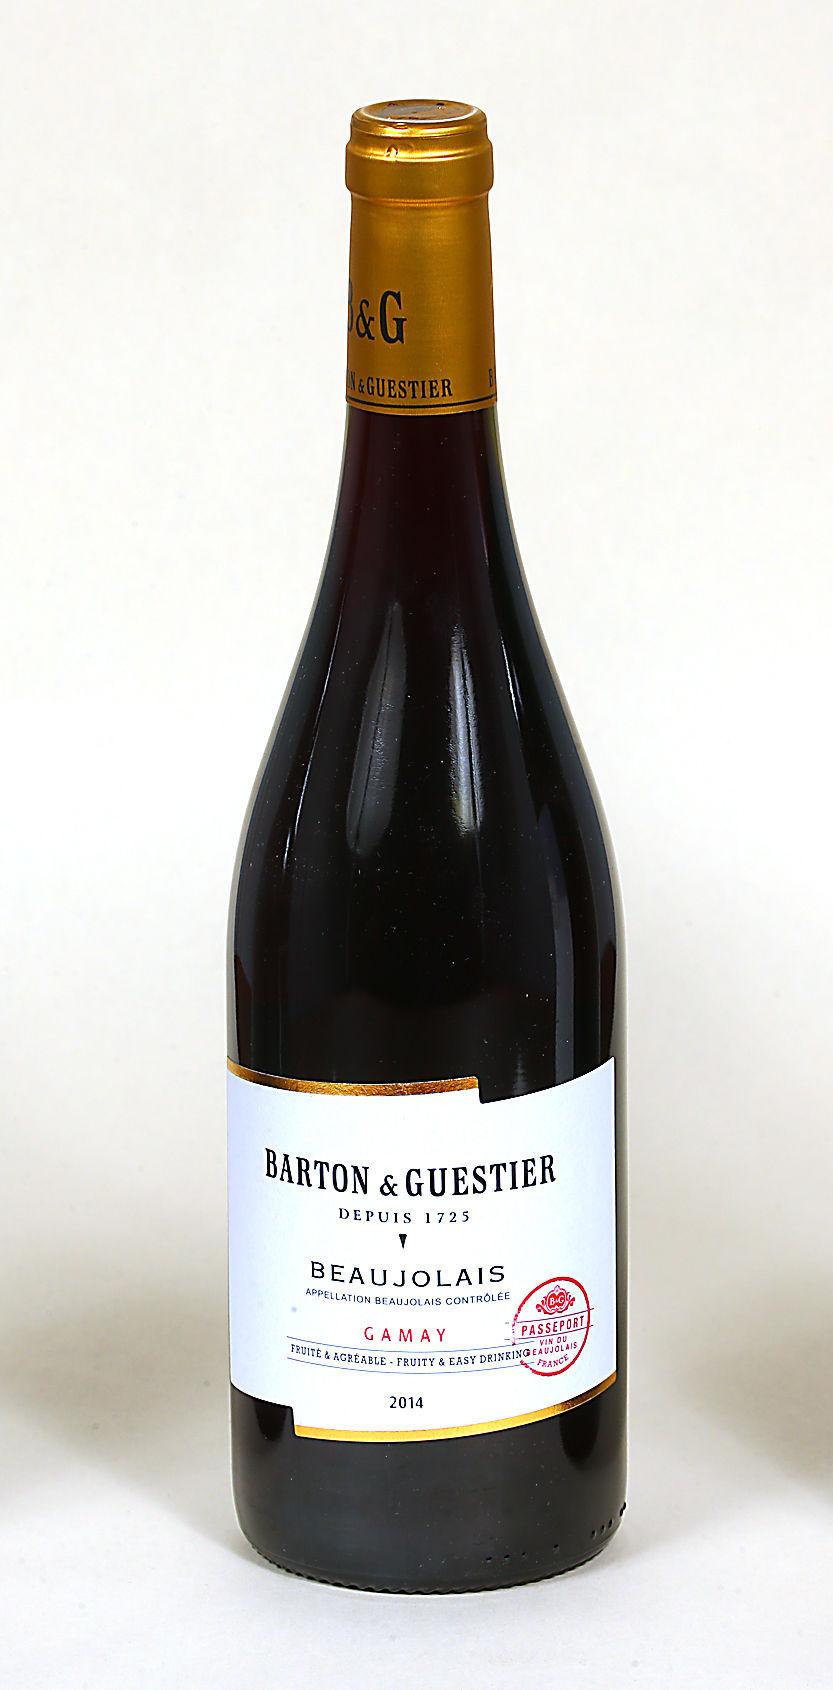 Wine Barton & Guestier